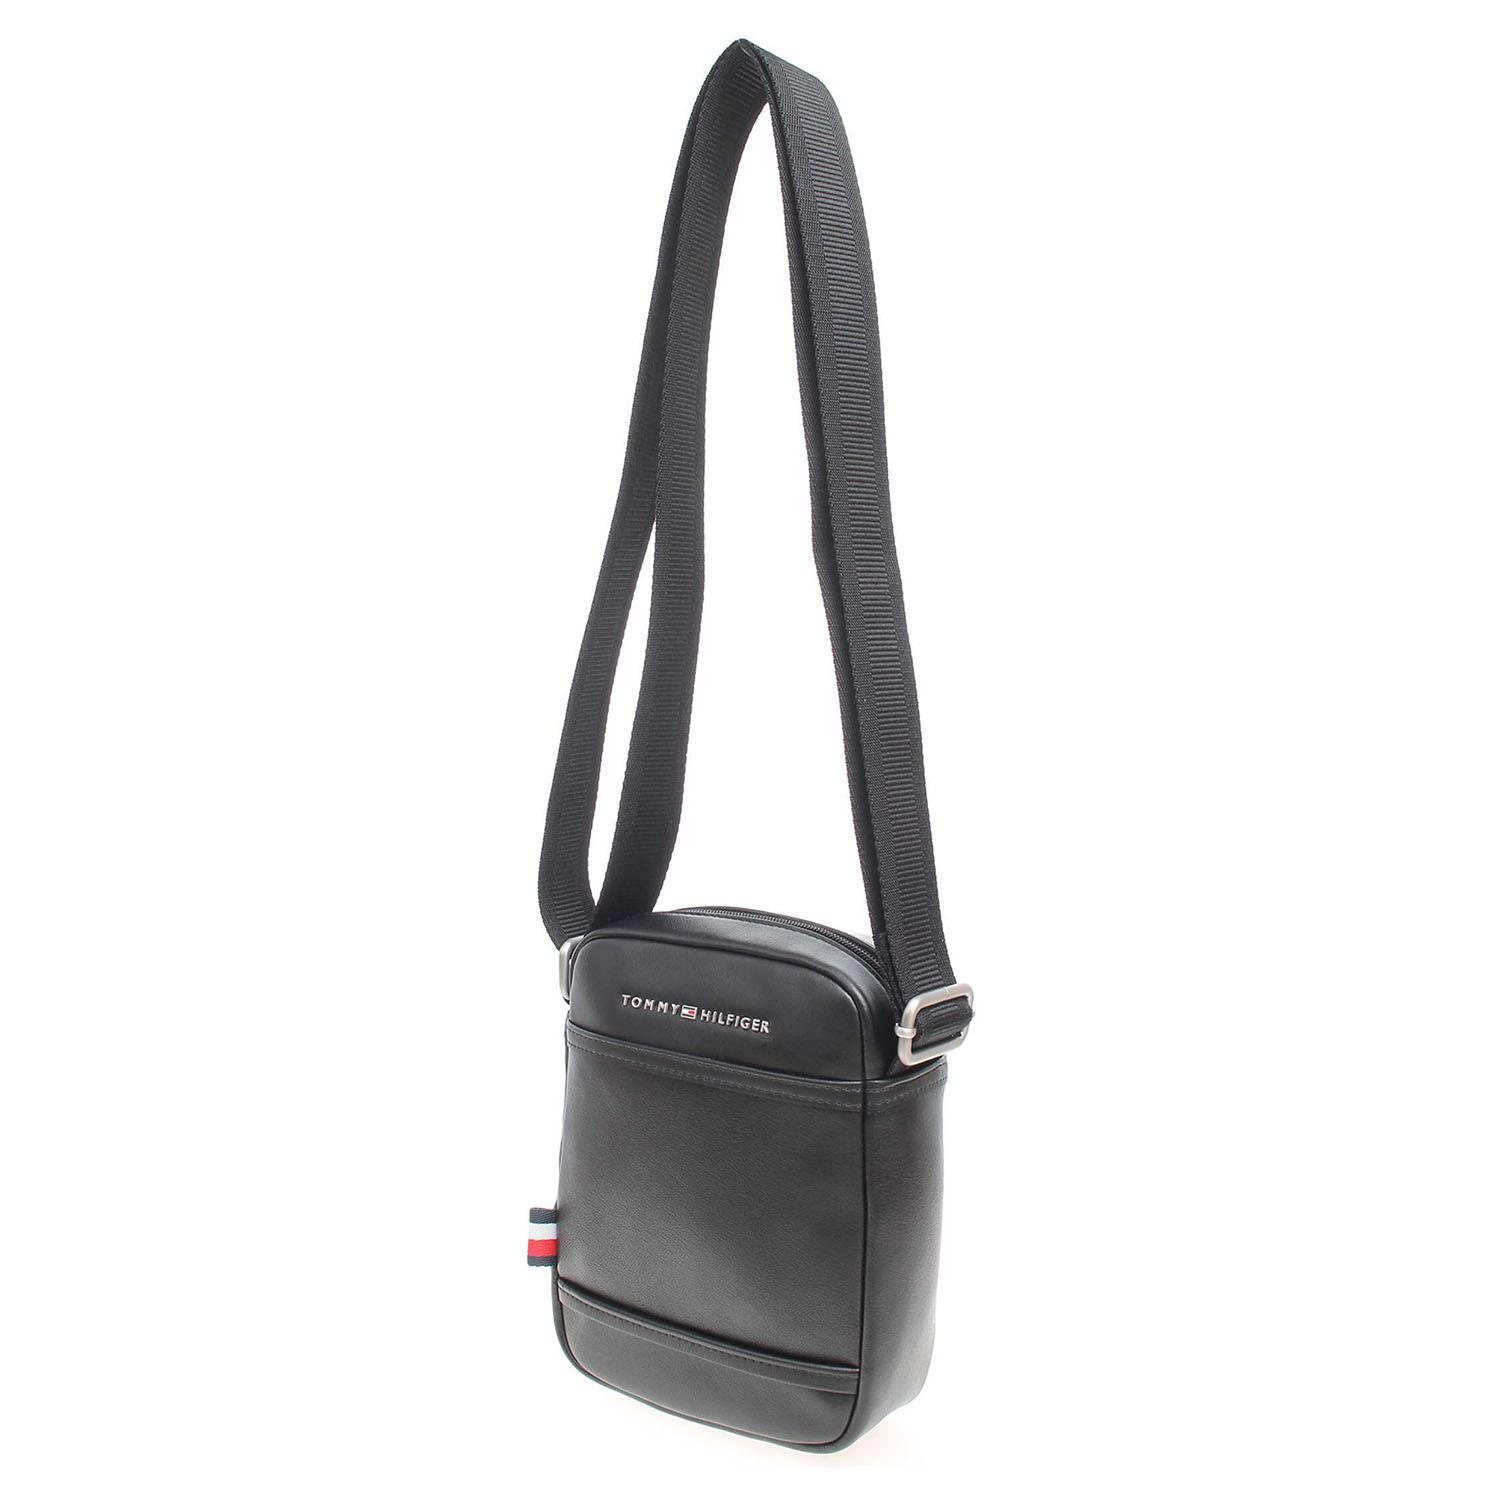 Ecco Tommy Hilfiger pánská taška AM0AM02330 černá 10701187